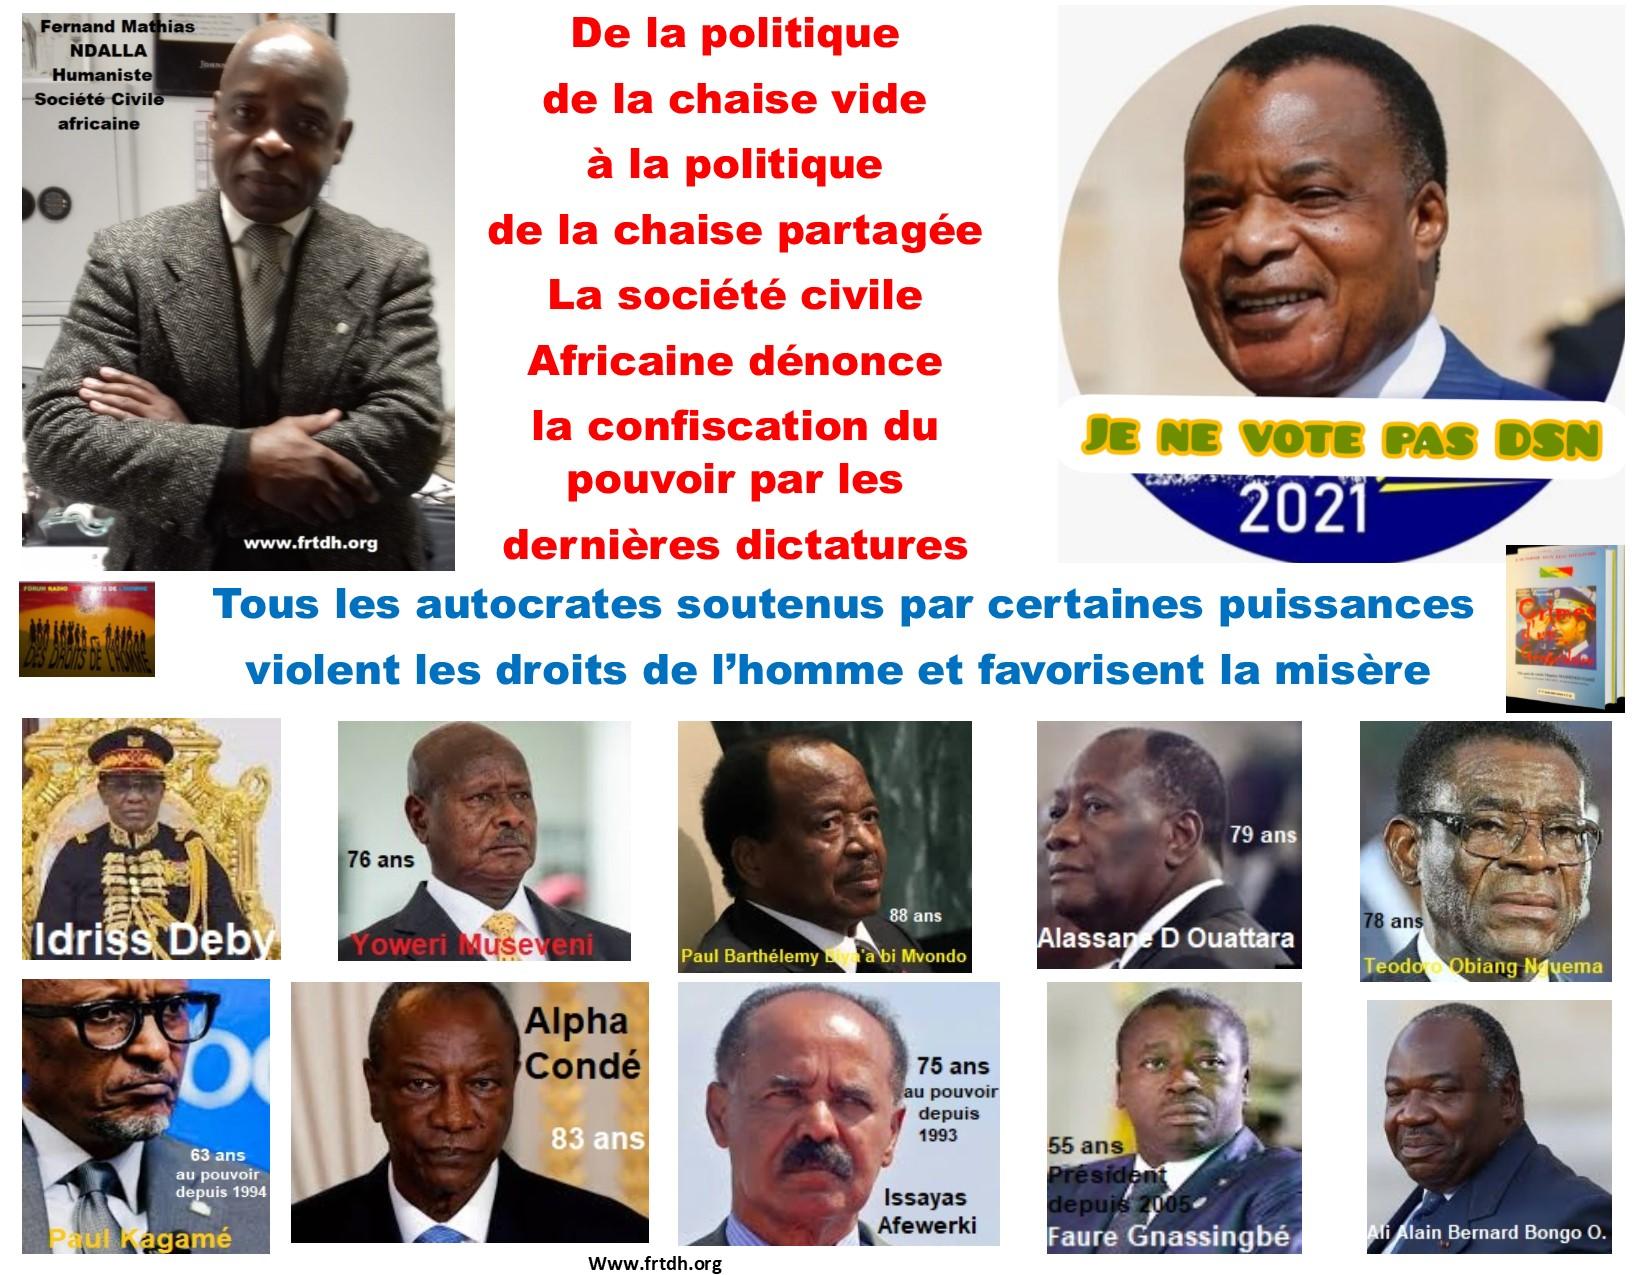 Tribune libre: Contribution à une bonne gouvernance, lettre philosophique  aux dictateurs africains et particulièrement à Sassou Nguesso par Fernand Mathias Ndalla